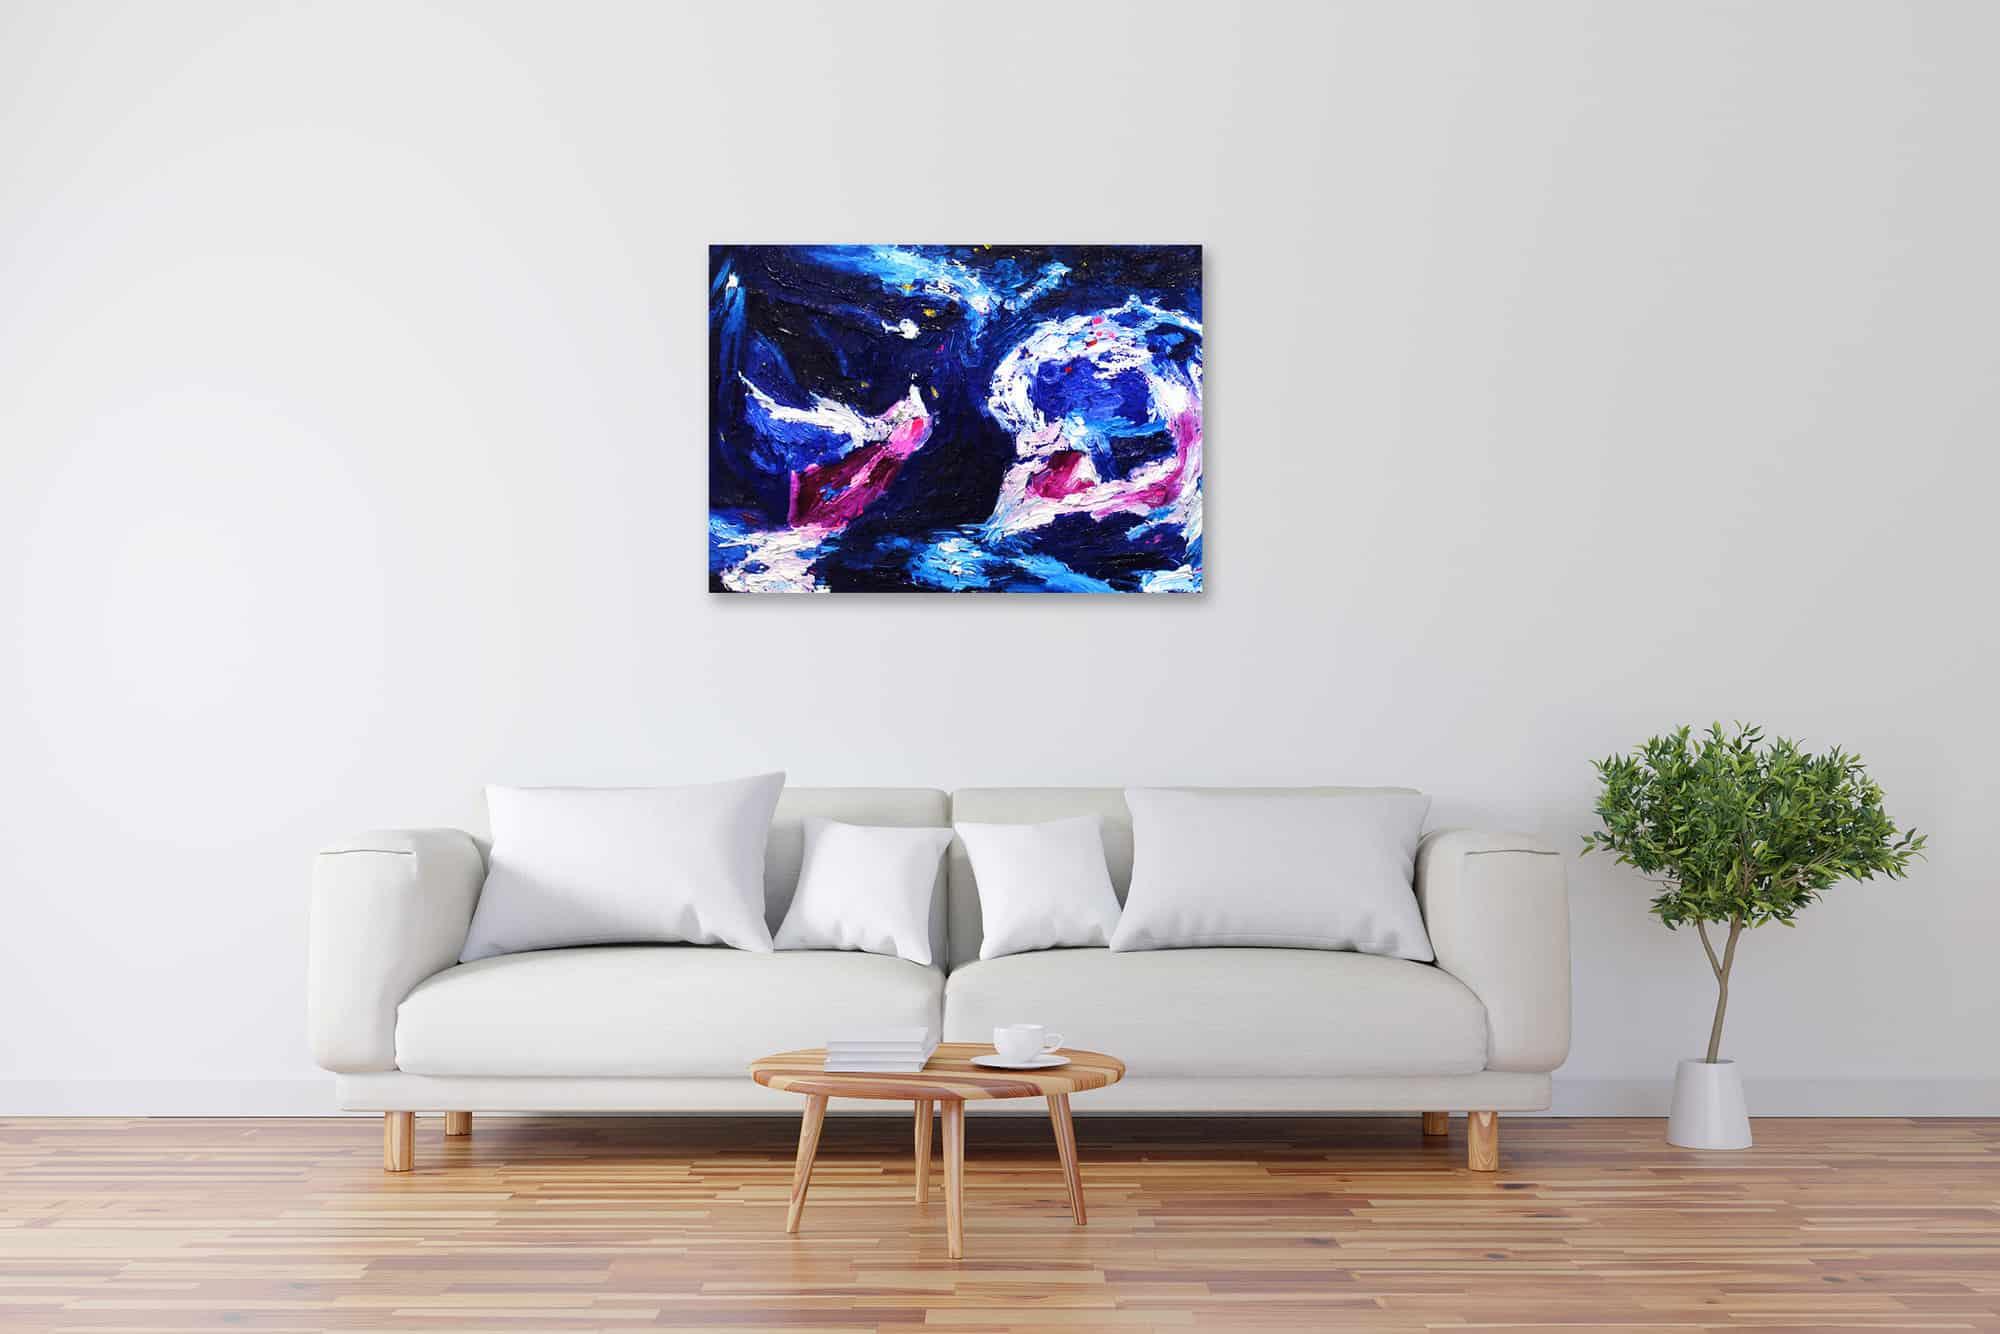 Acryl Gemälde abstrakter Engel mit tiefem Blau bild kaufen